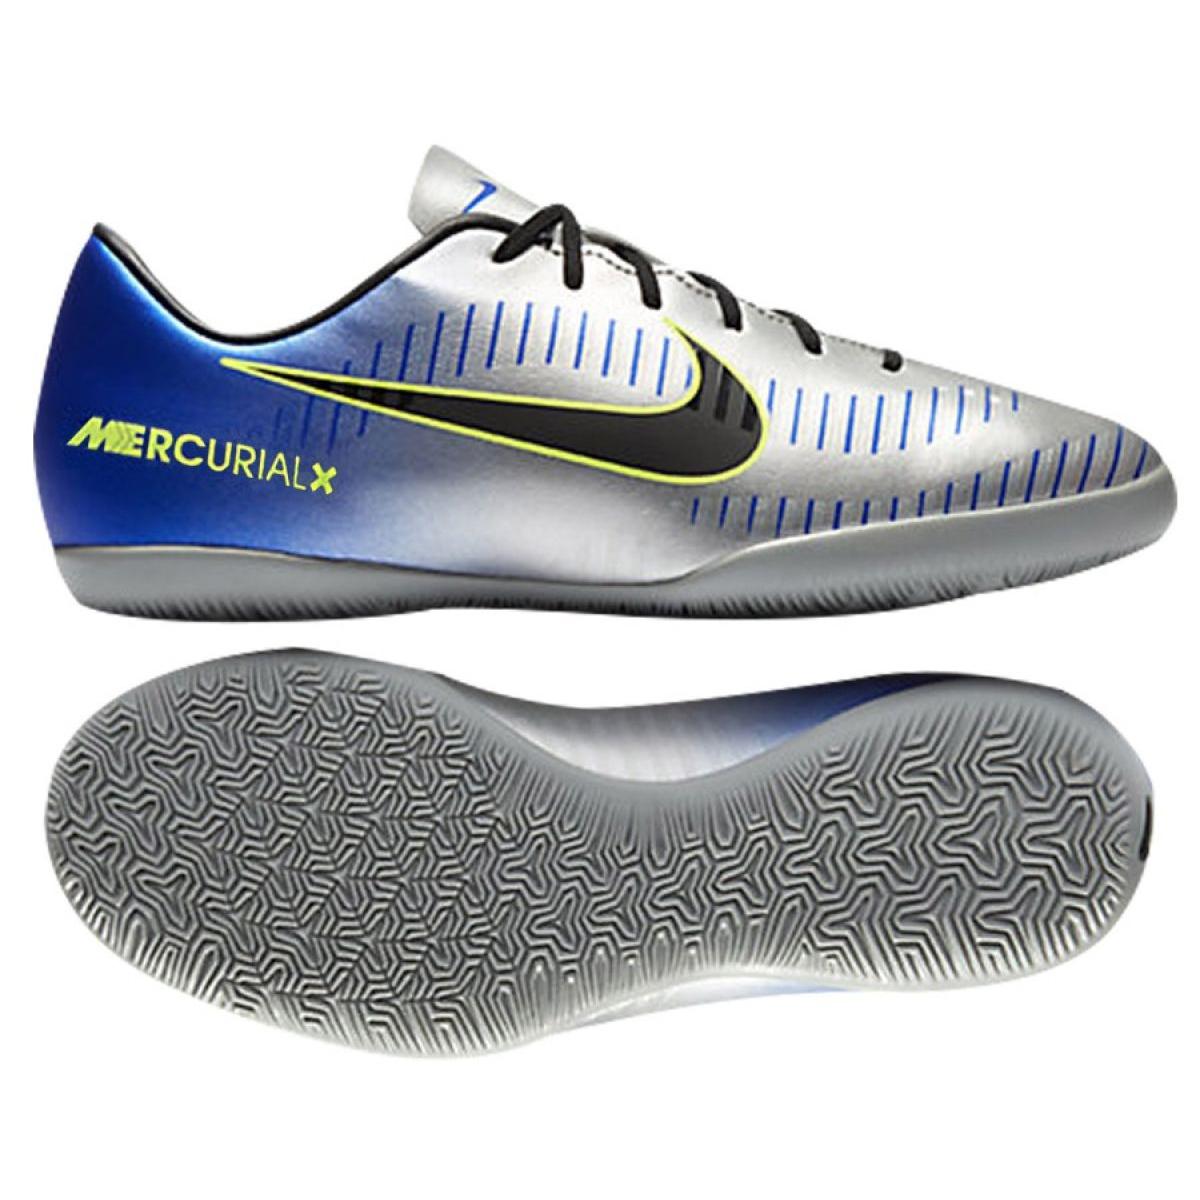 best website ecff2 edfd9 Indoor shoes Nike MercurialX Victory Vi Neymar Ic Jr 921493-407